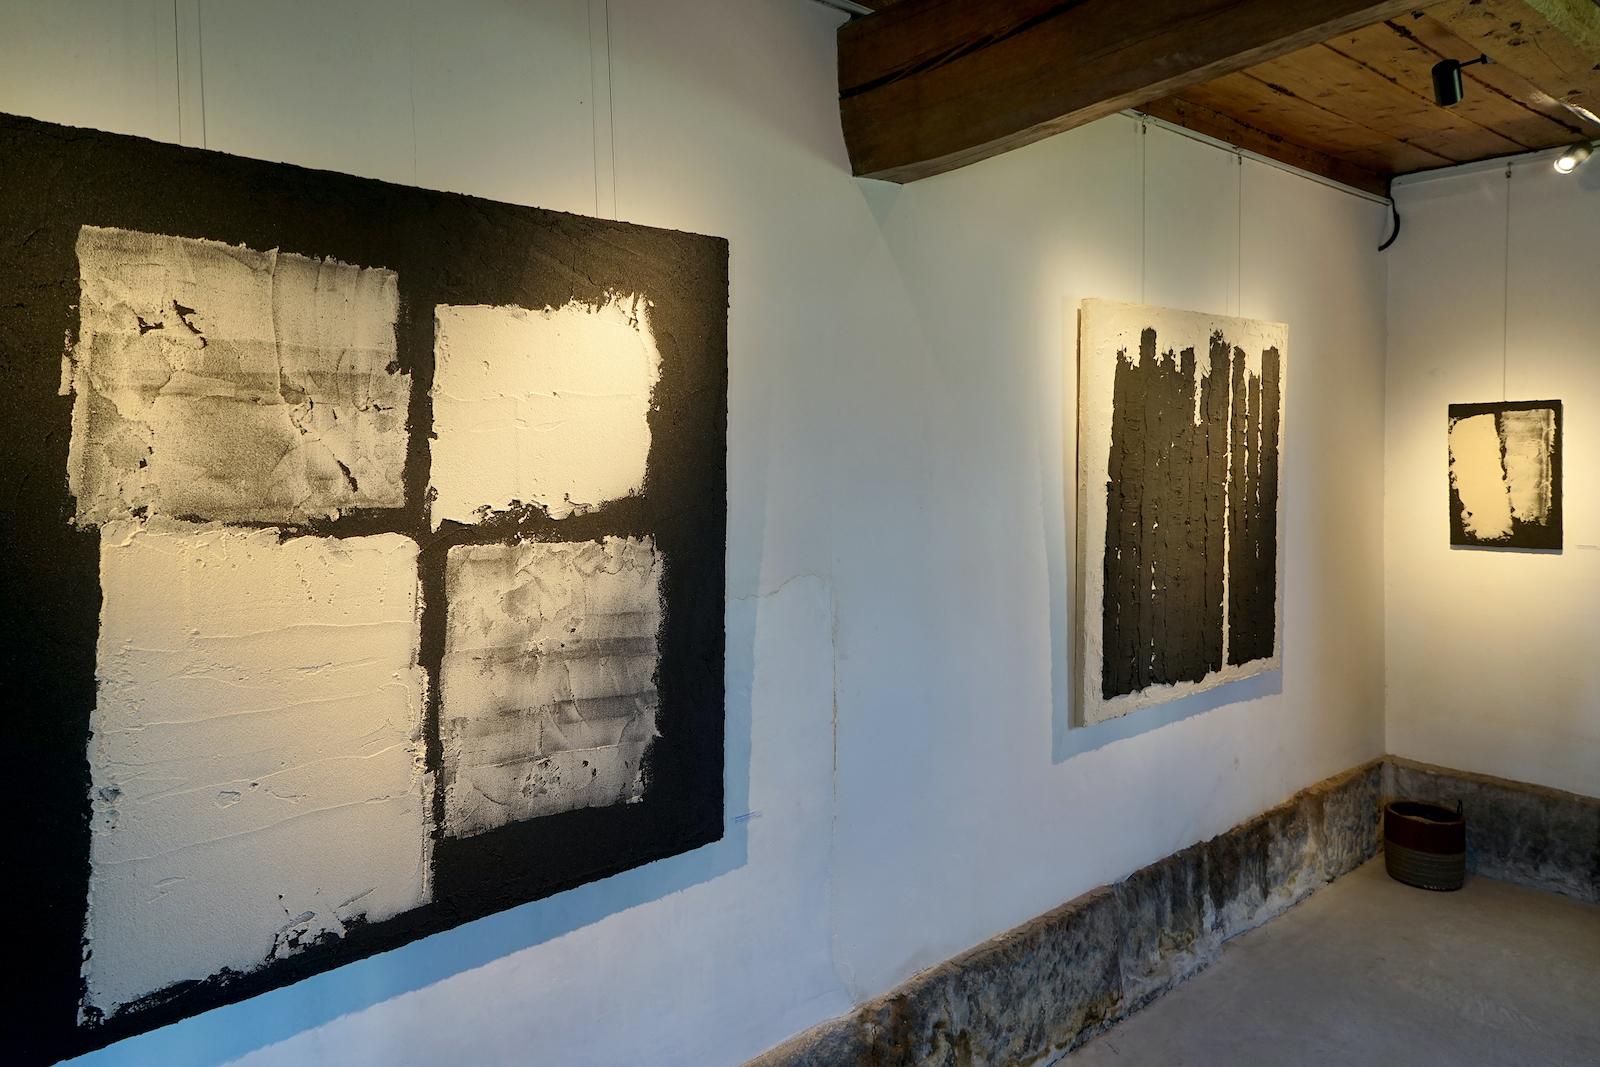 「灰の絵」展示会の様子(2015年)